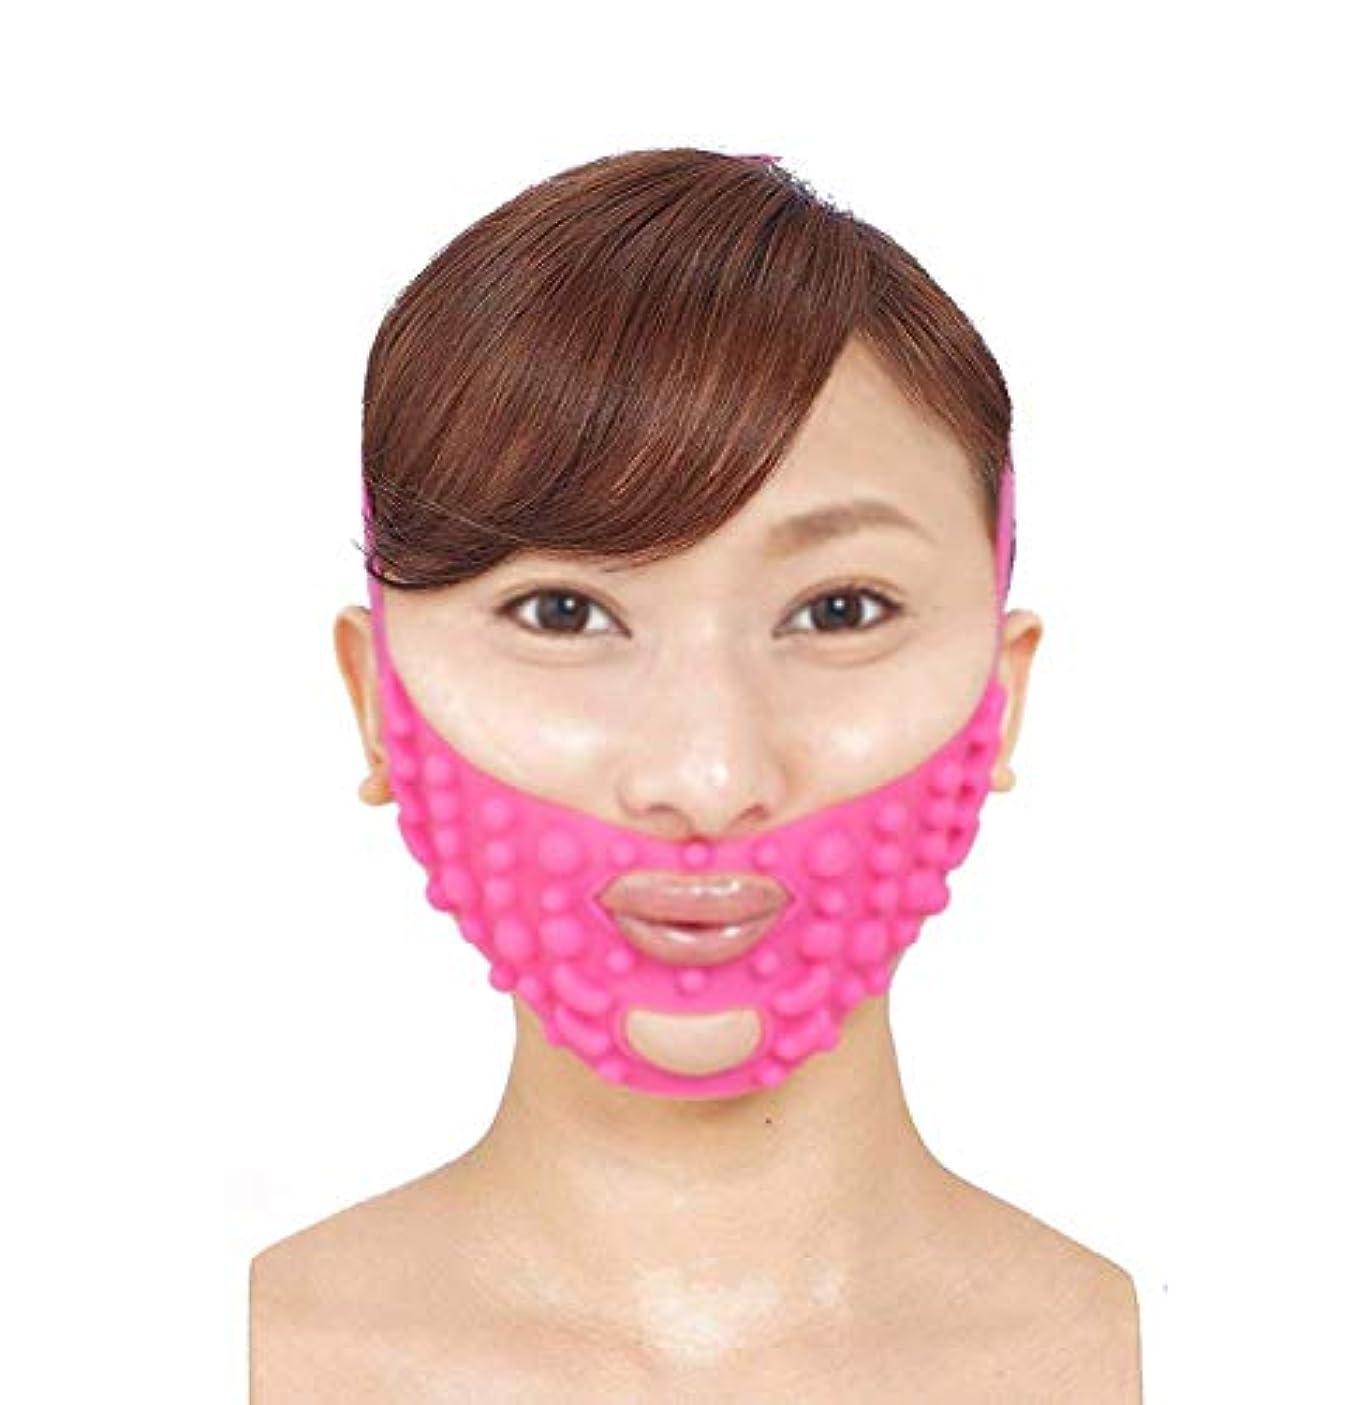 決してドロー寝室フェイシャルマスク、リフティングアーティファクトフェイスマスク垂れ下がった小さなVフェイスバンデージ付きの顔